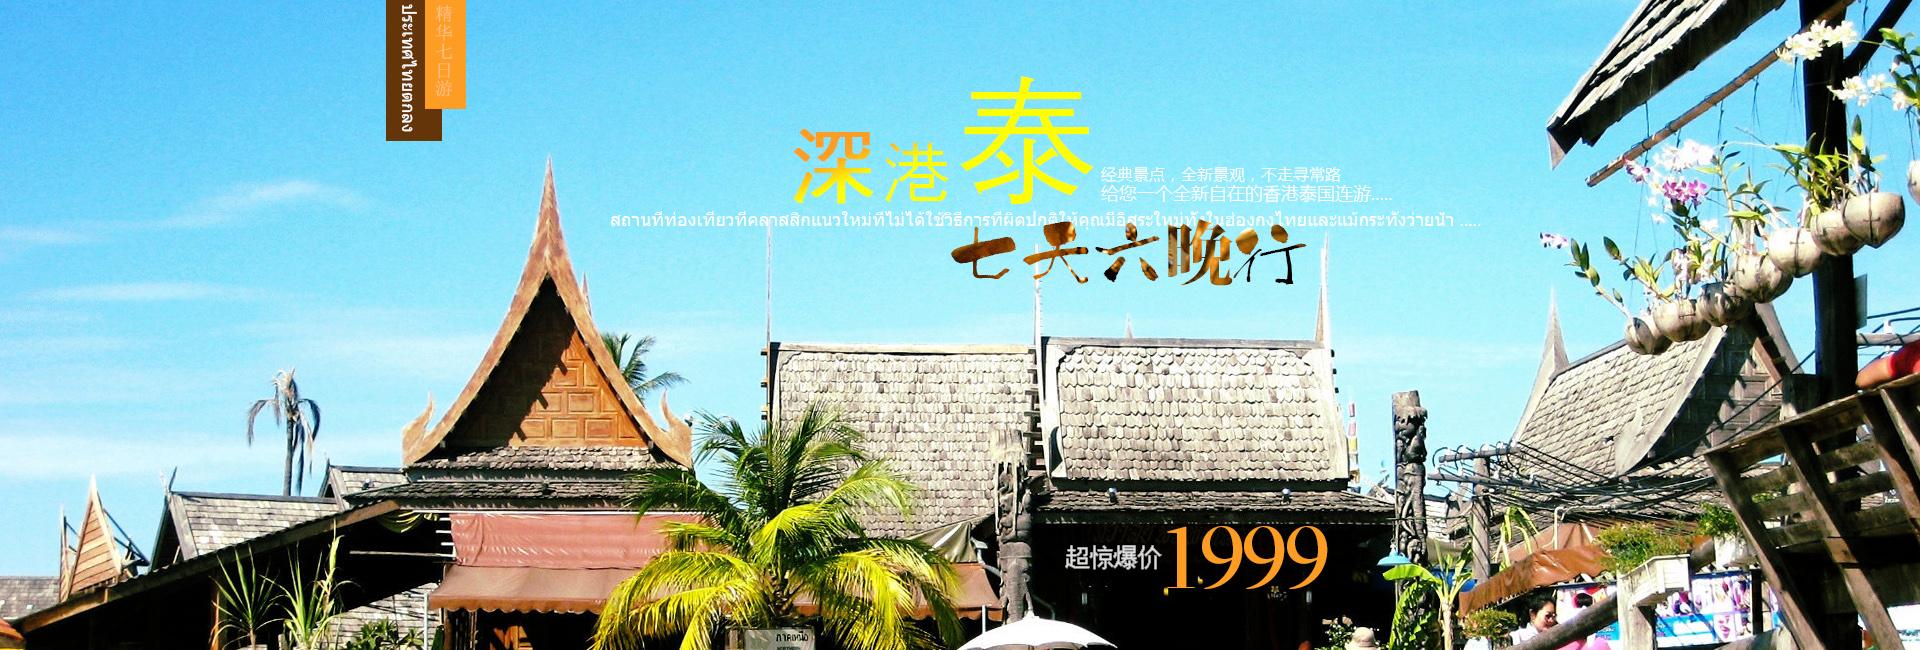 旅游海报 无锡灵山大佛首焦 深港泰首焦 巫山小山峡首焦 宋城千古情图片